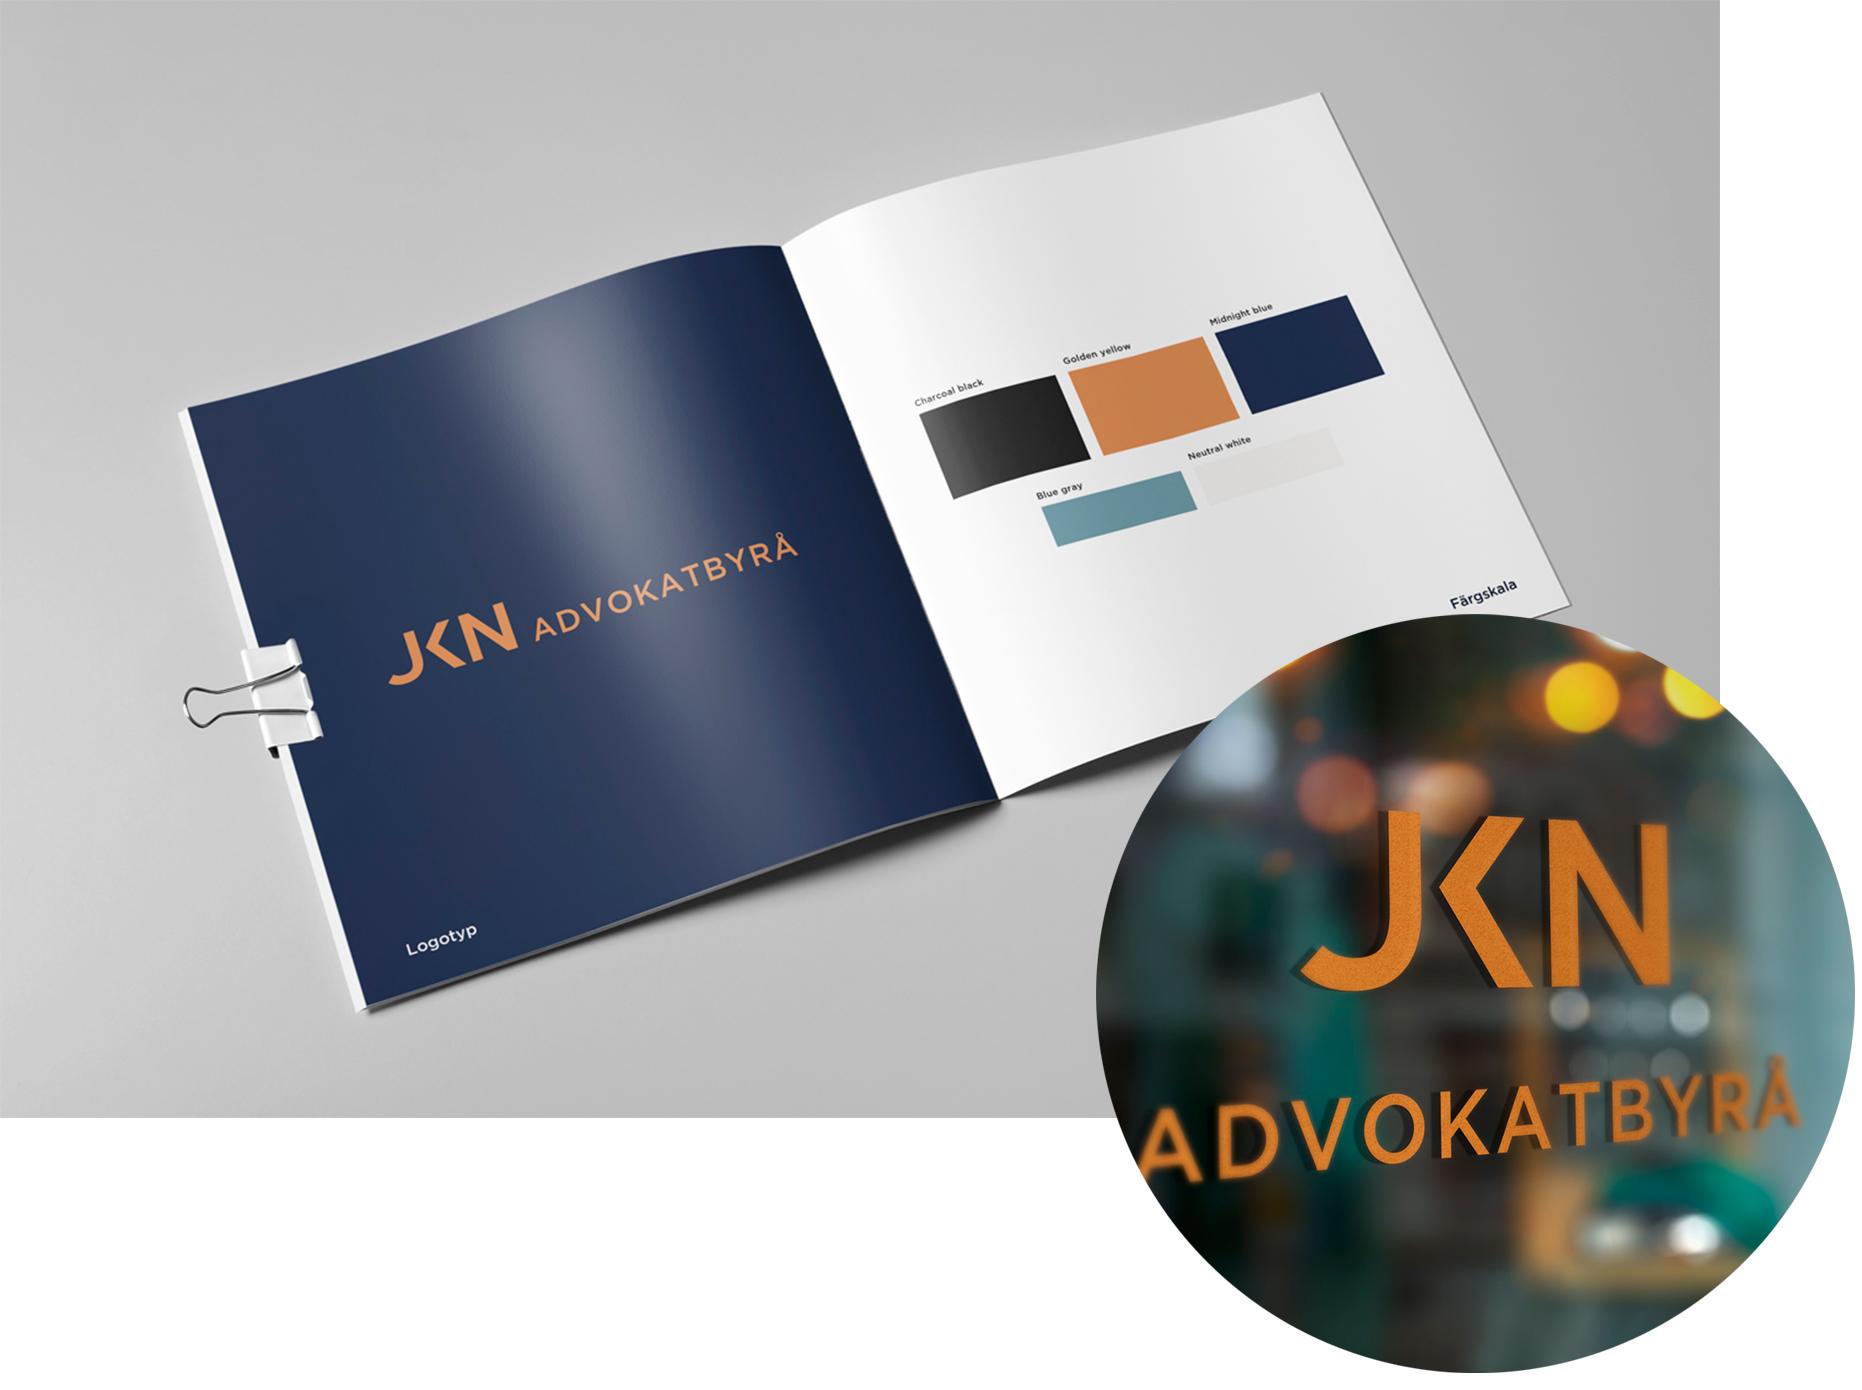 jkn-brandbook01.jpg